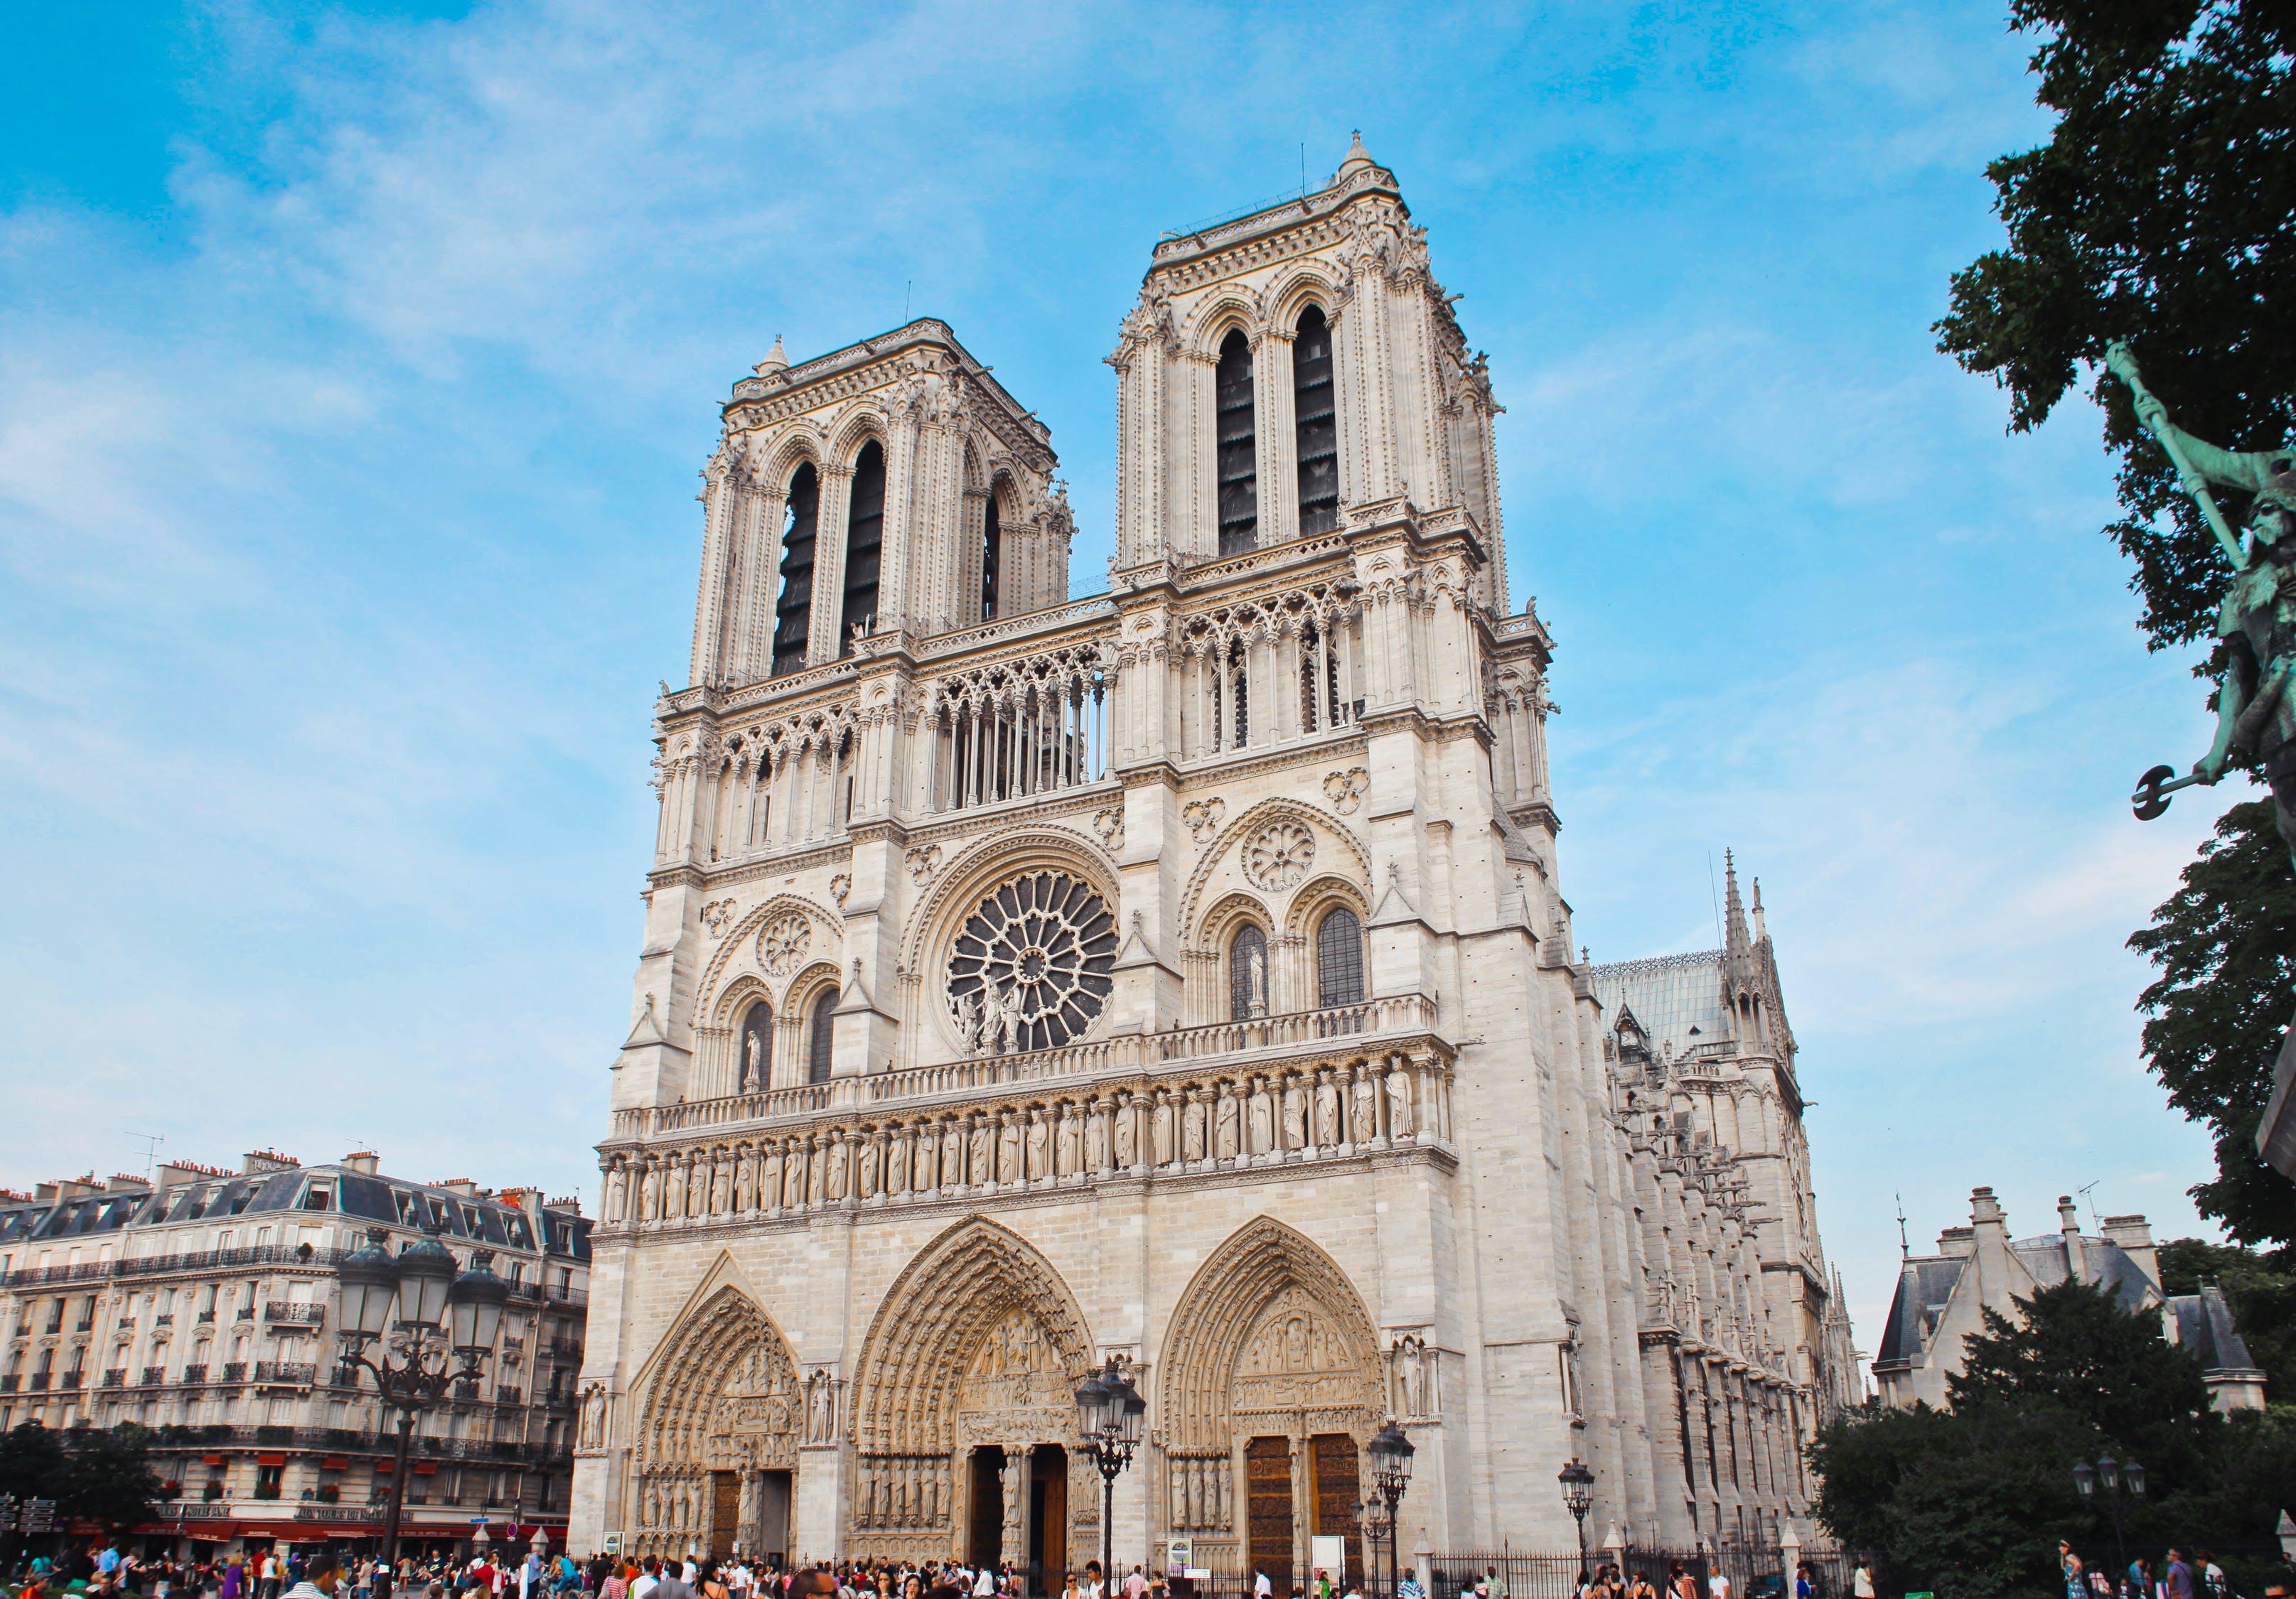 Svijet oplakuje parišku katedralu Notre-Dame